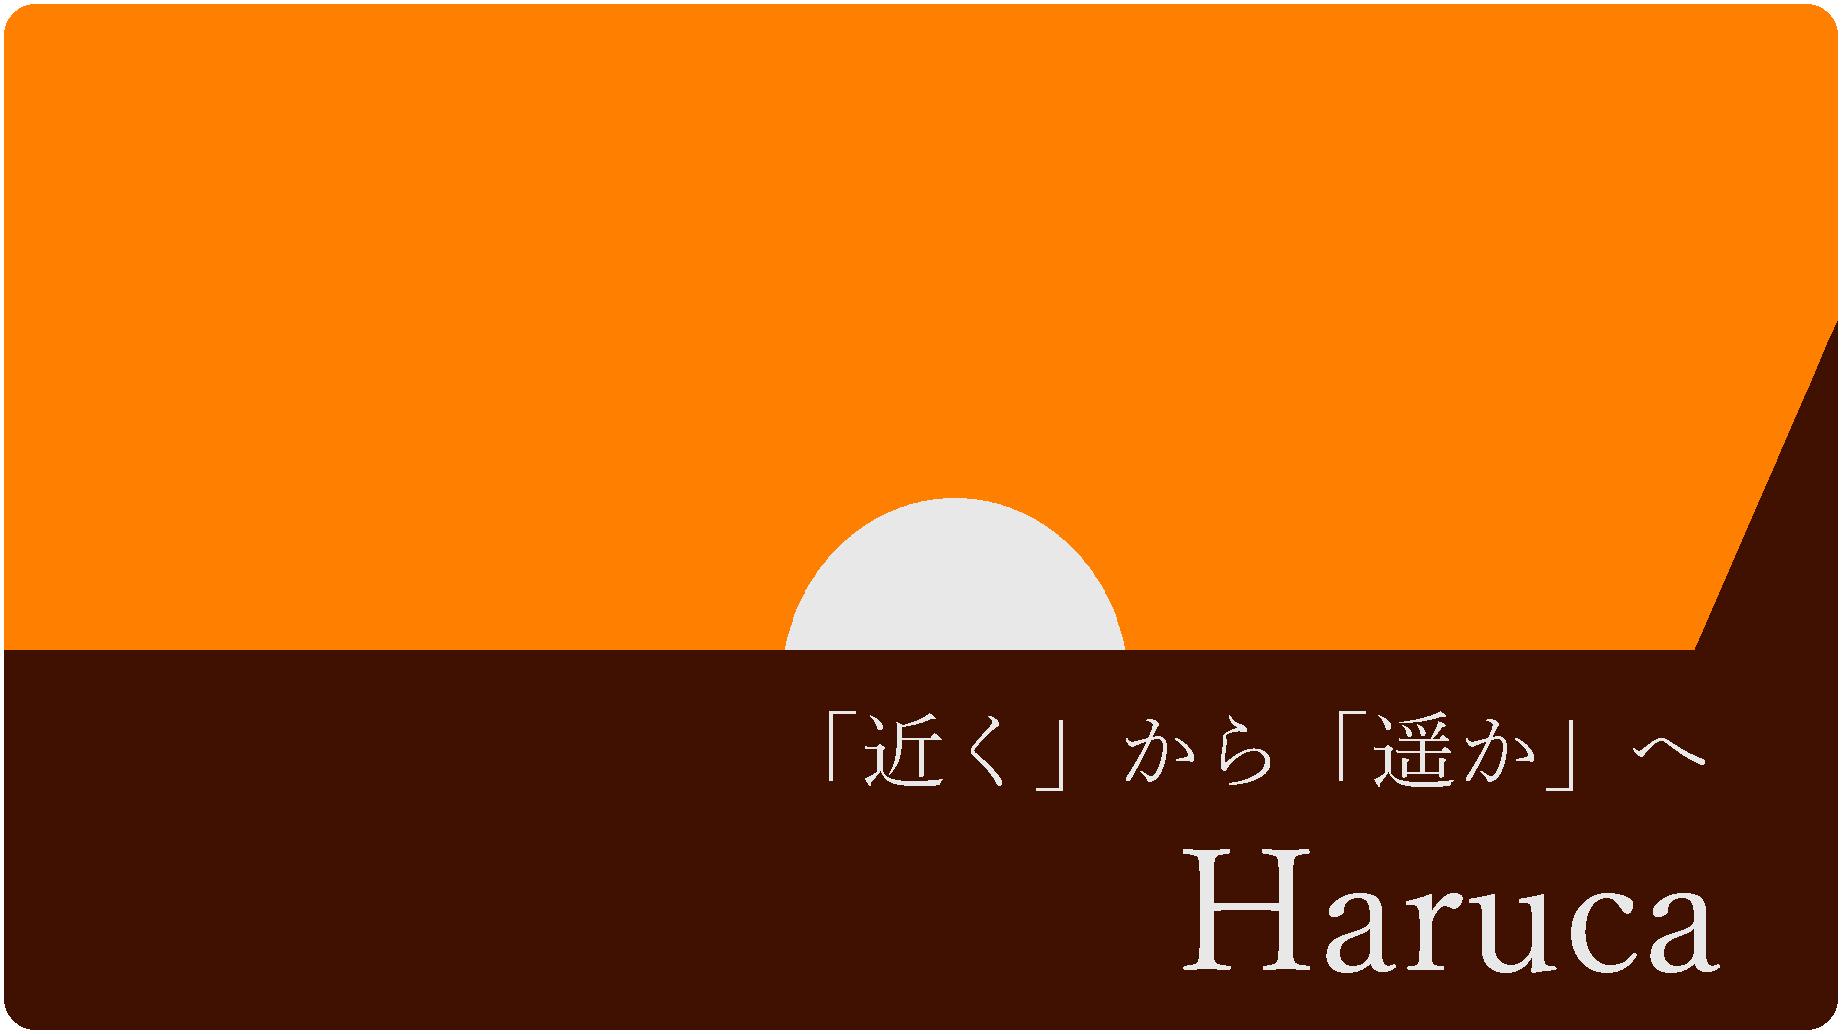 HARUCA_0.png